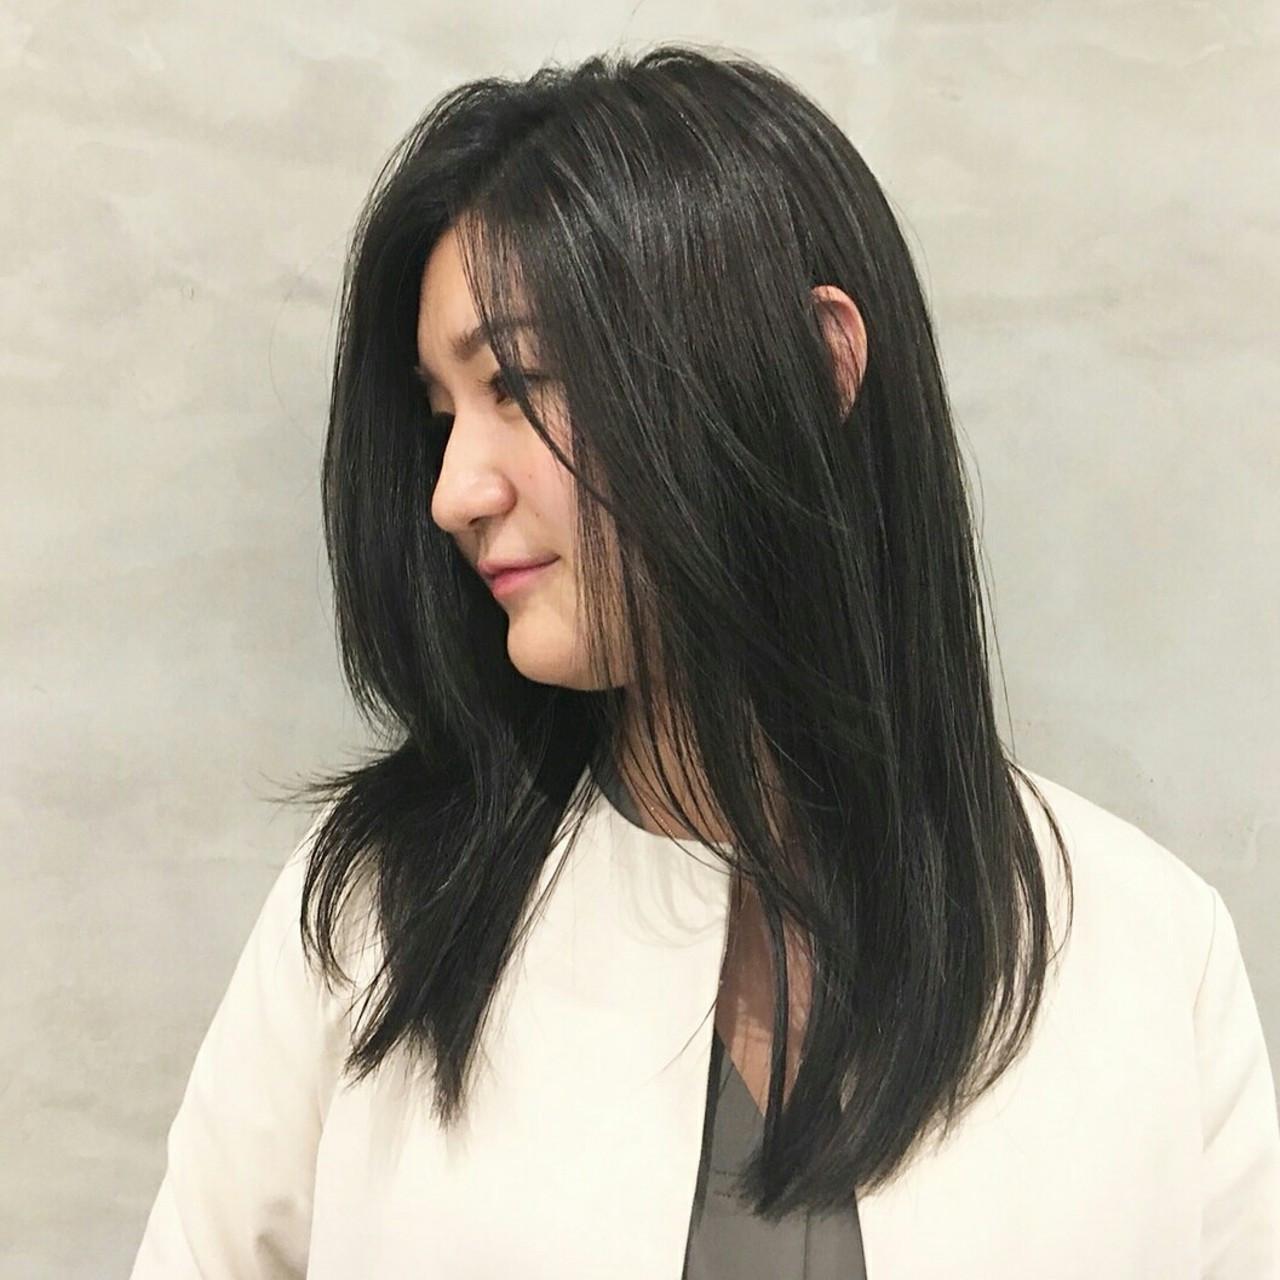 ロング コンサバ ハイライト 似合わせ ヘアスタイルや髪型の写真・画像